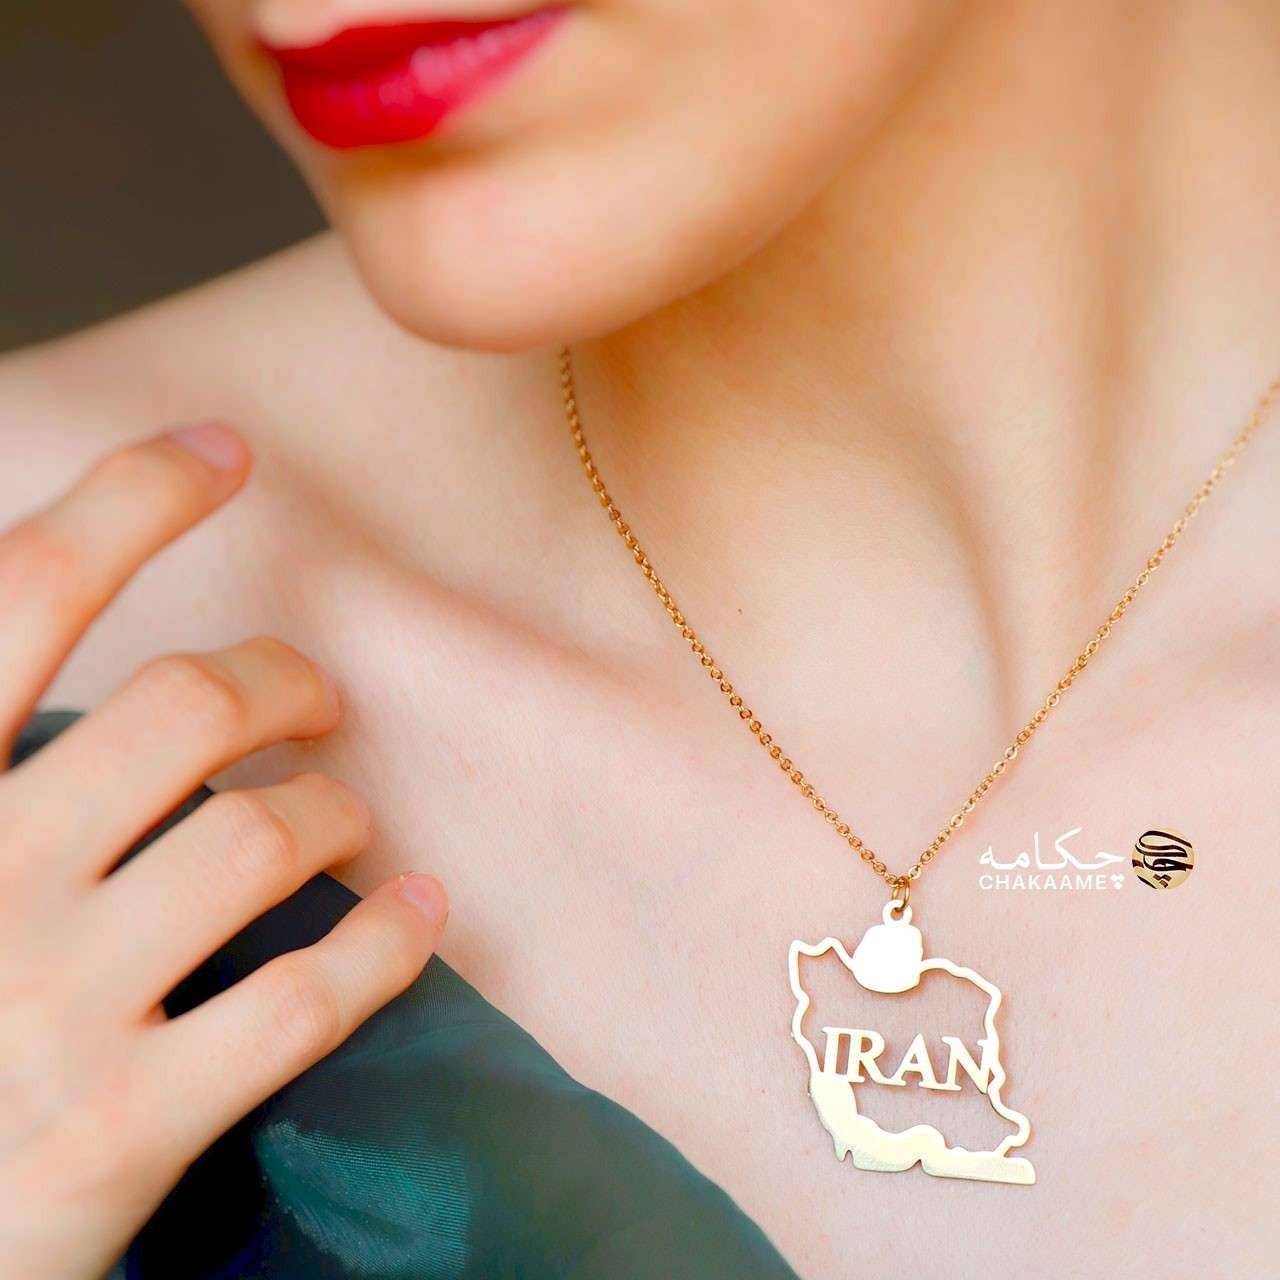 گردنبند طلا و نقره طرح ایران IRAN